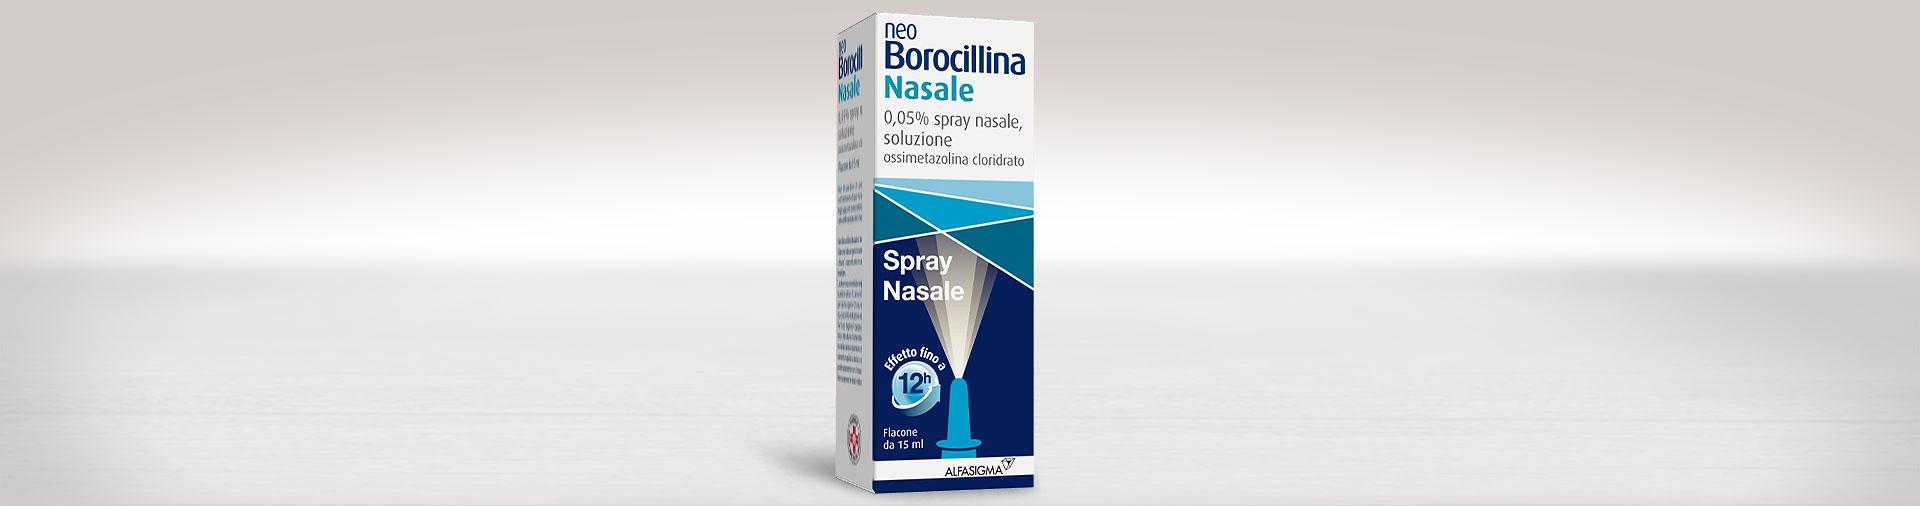 NeoBorocillina Nasale